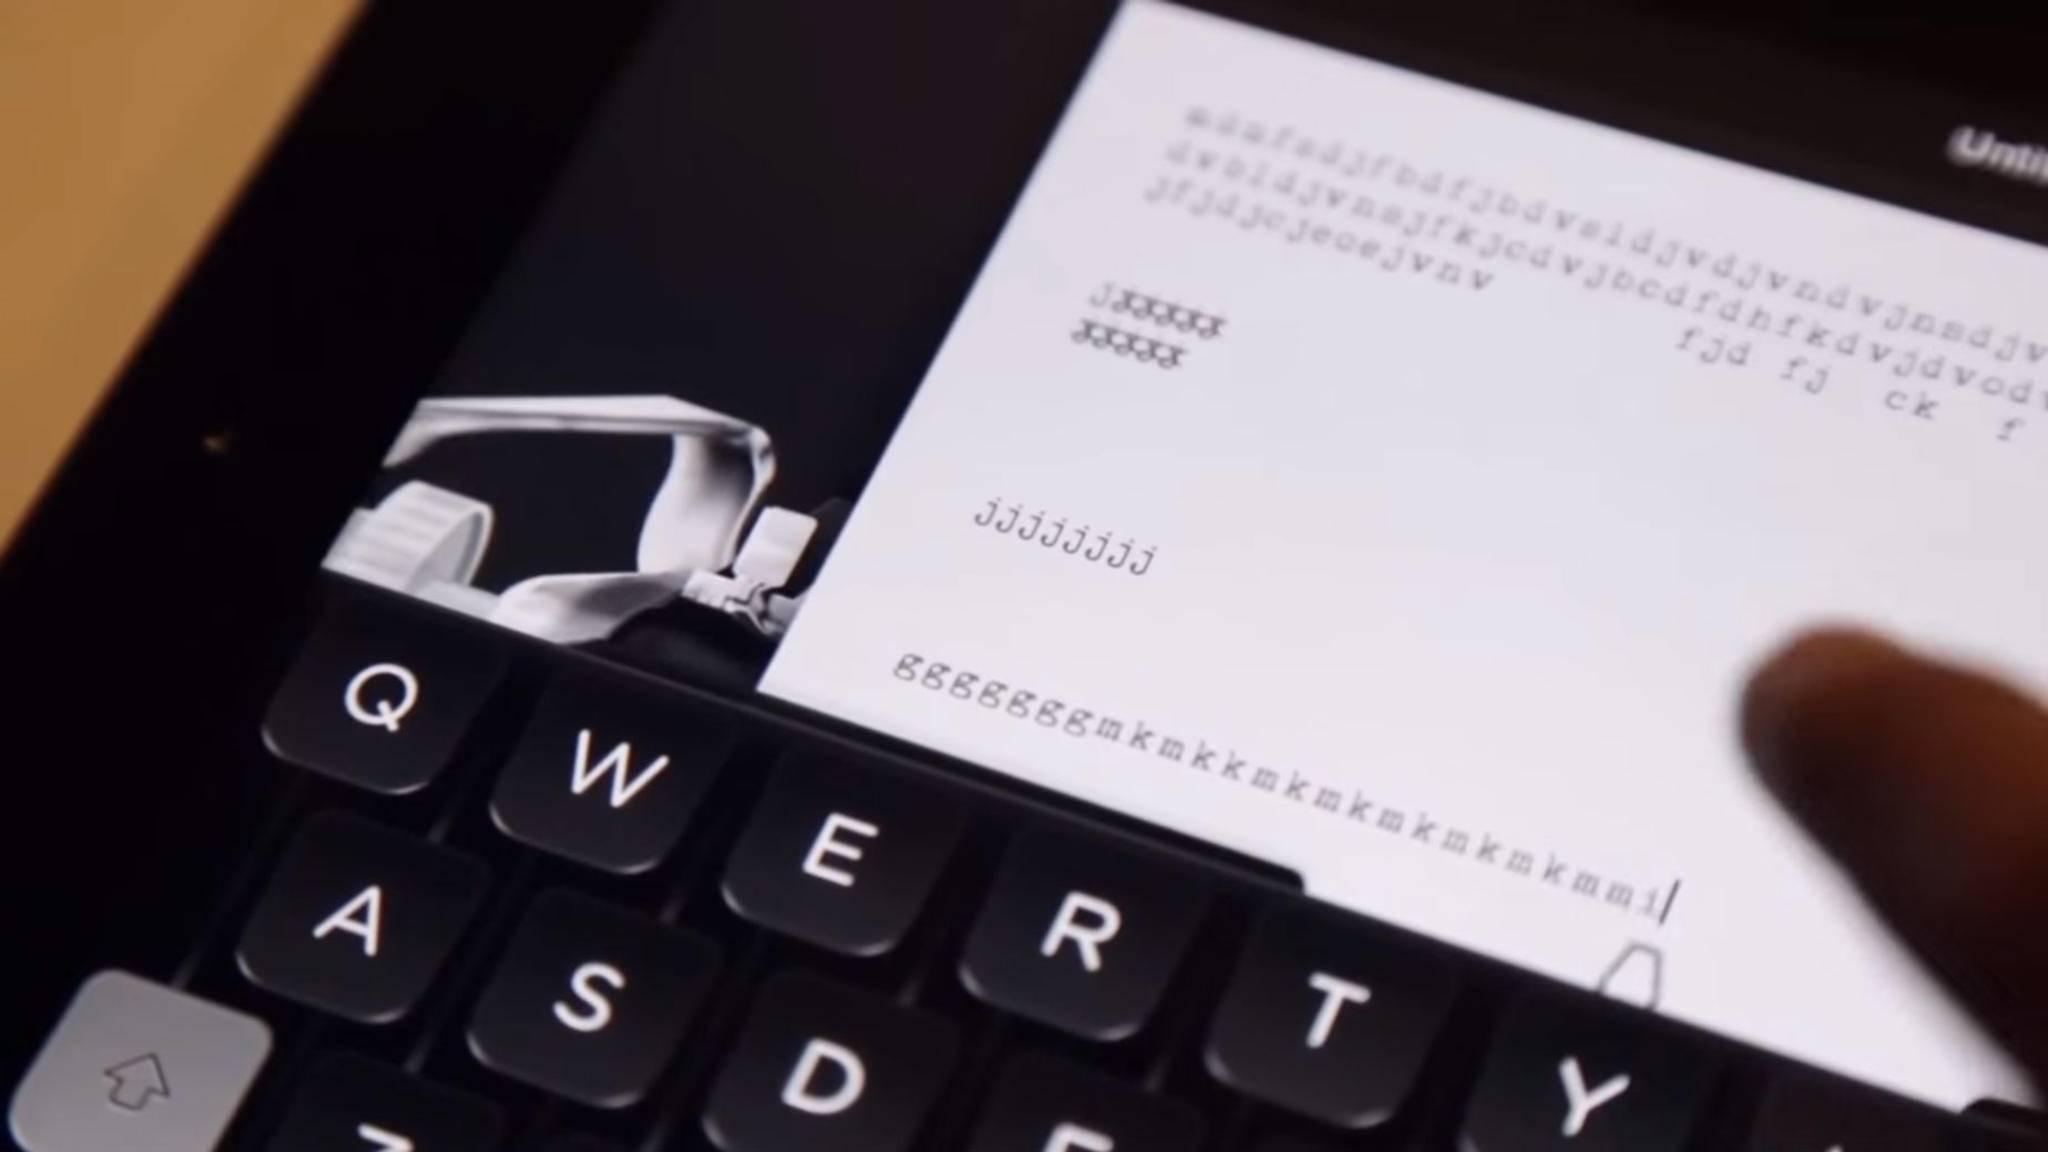 Sogar Tom Hanks hat eine eigene Schreib-App: Hanx Writer.